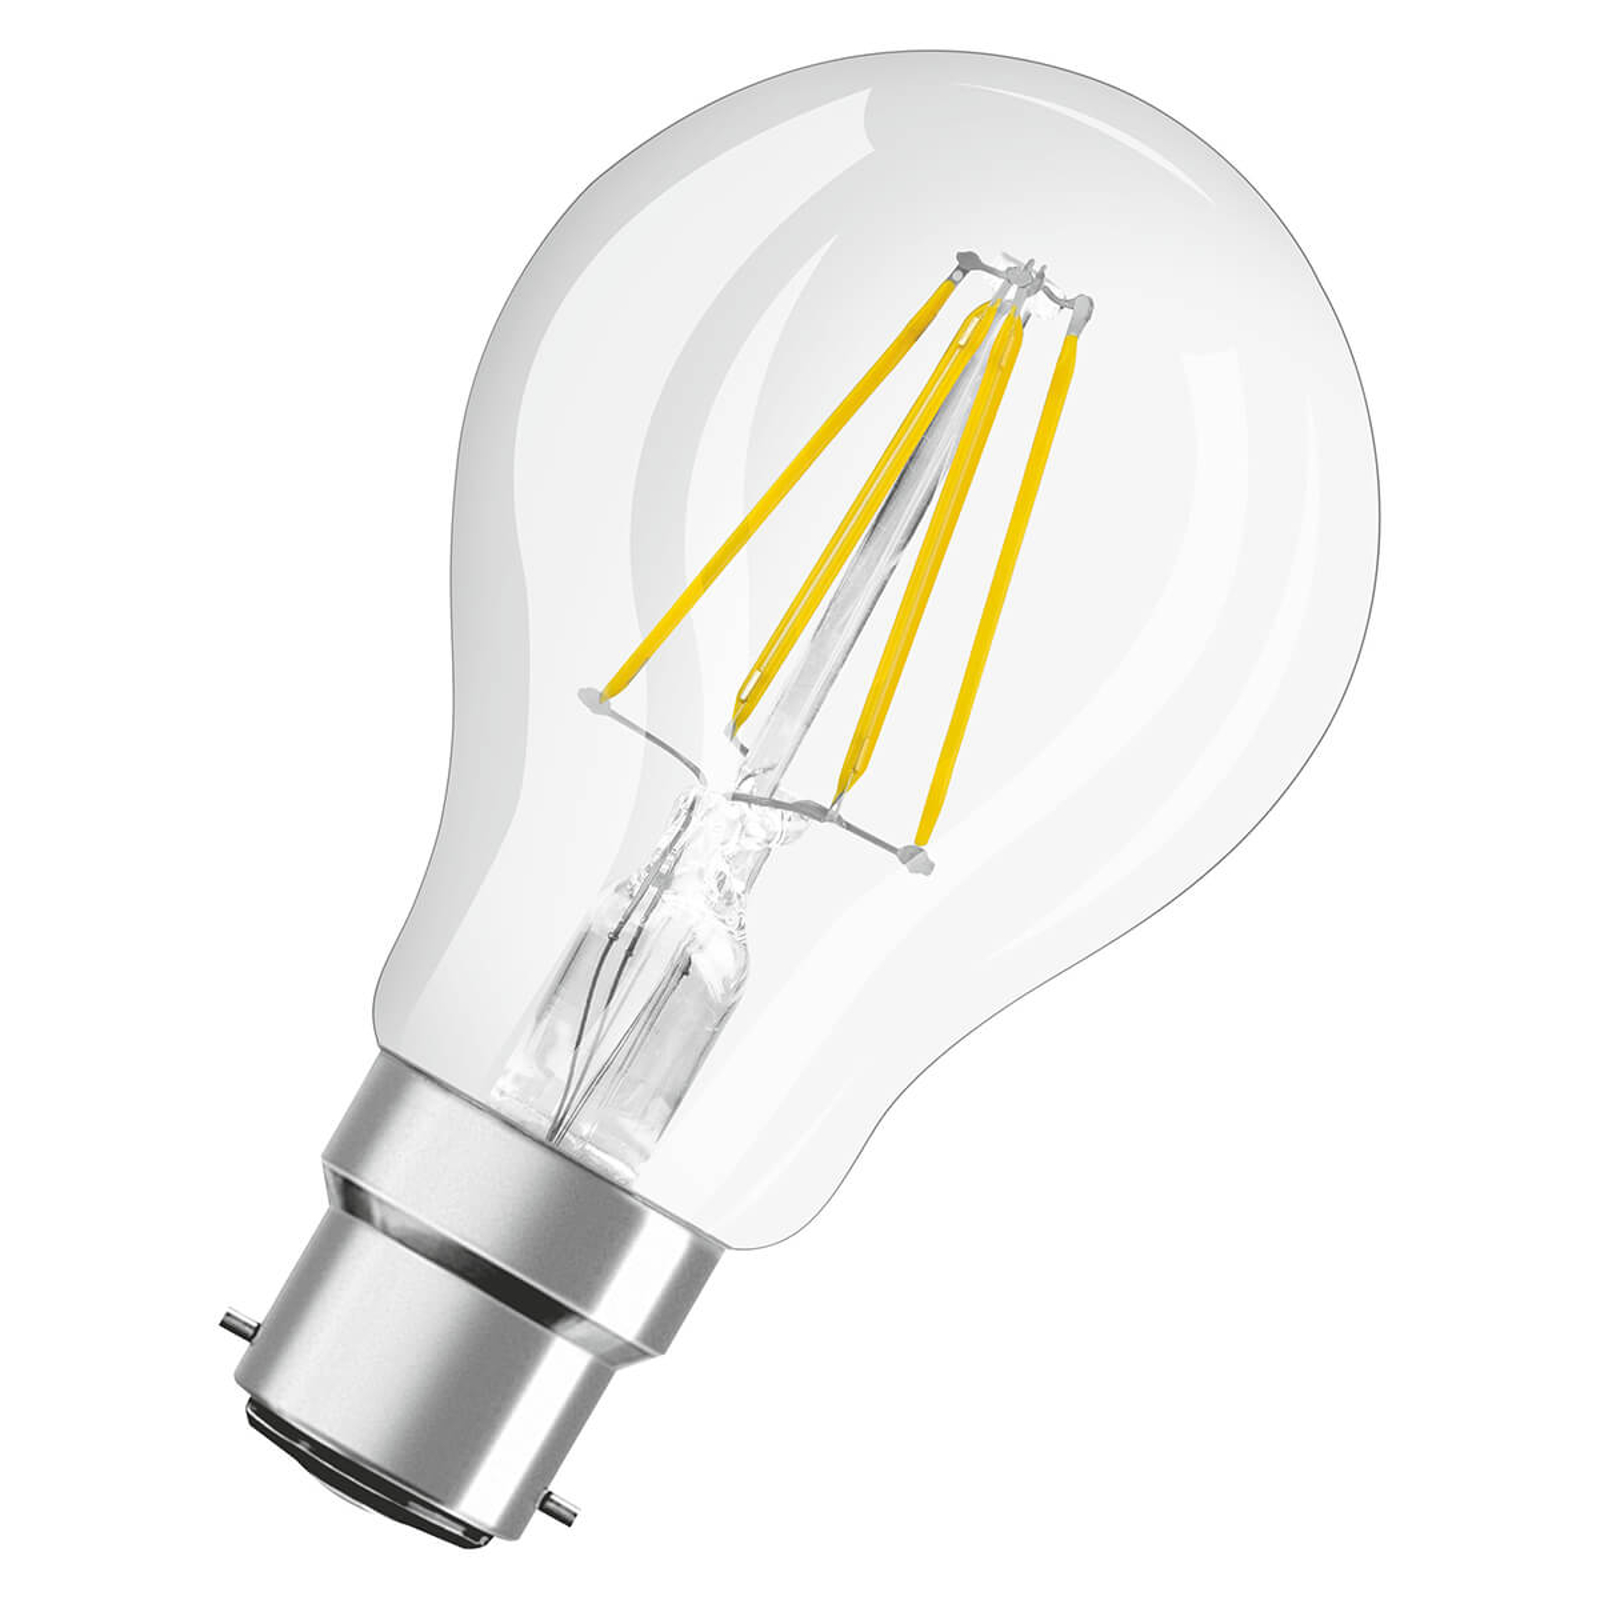 LED-Lampe B22d 7W, warmweiß, 806 Lumen